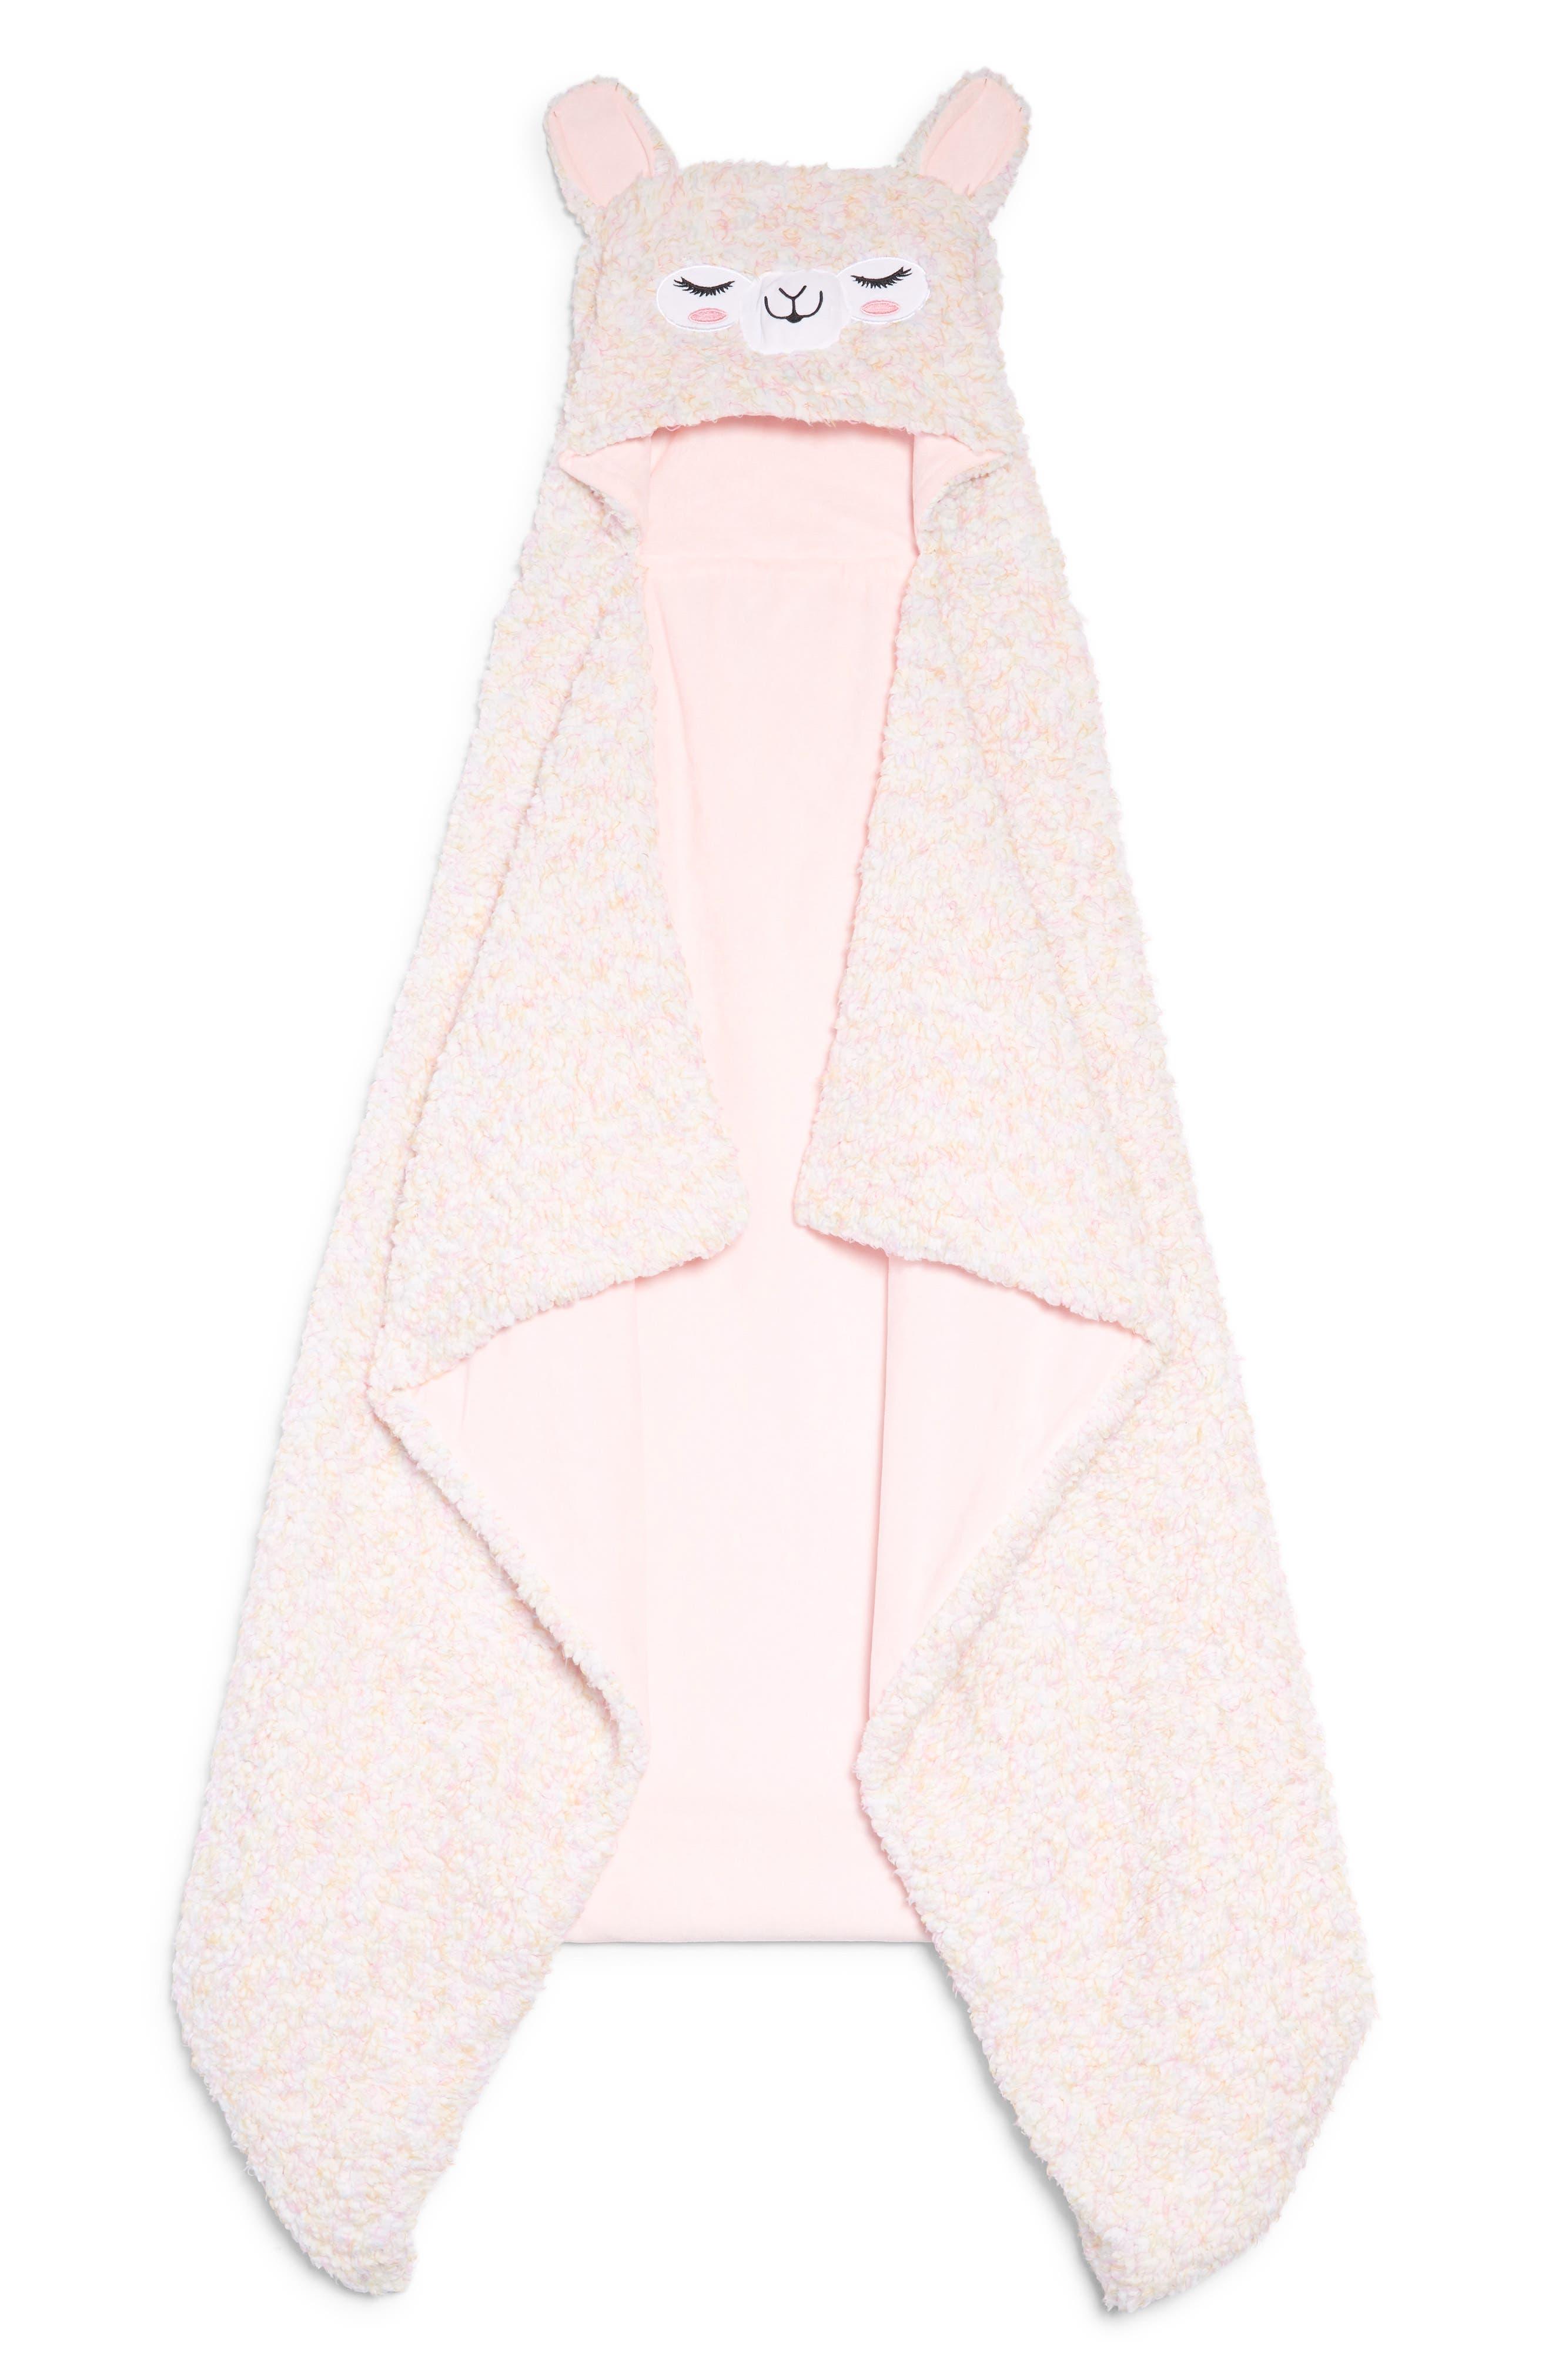 Alpaca Hooded Blanket,                         Main,                         color, 650